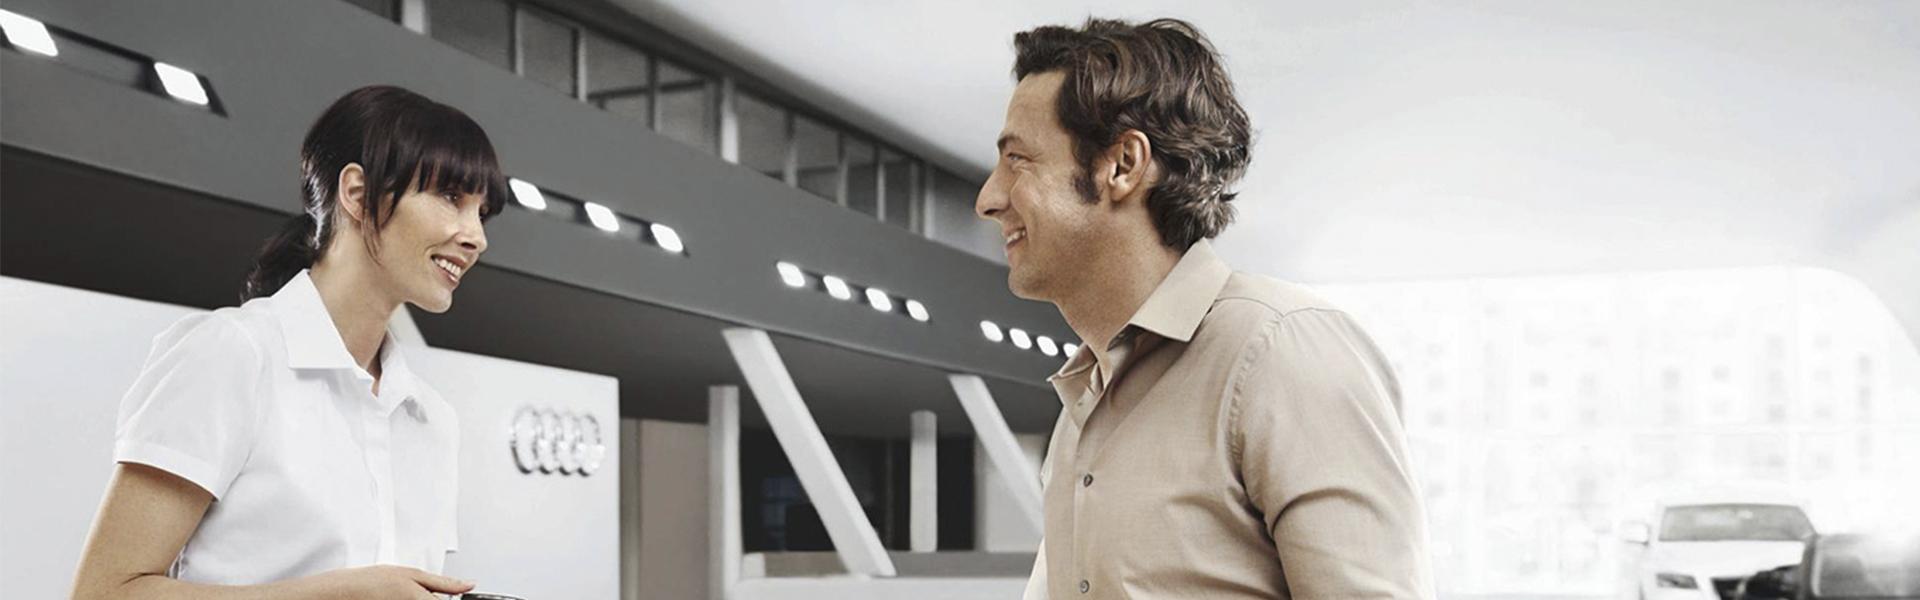 Talleres Xàtiva, Concesionario Oficial Audi en Xàtiva (Valencia)